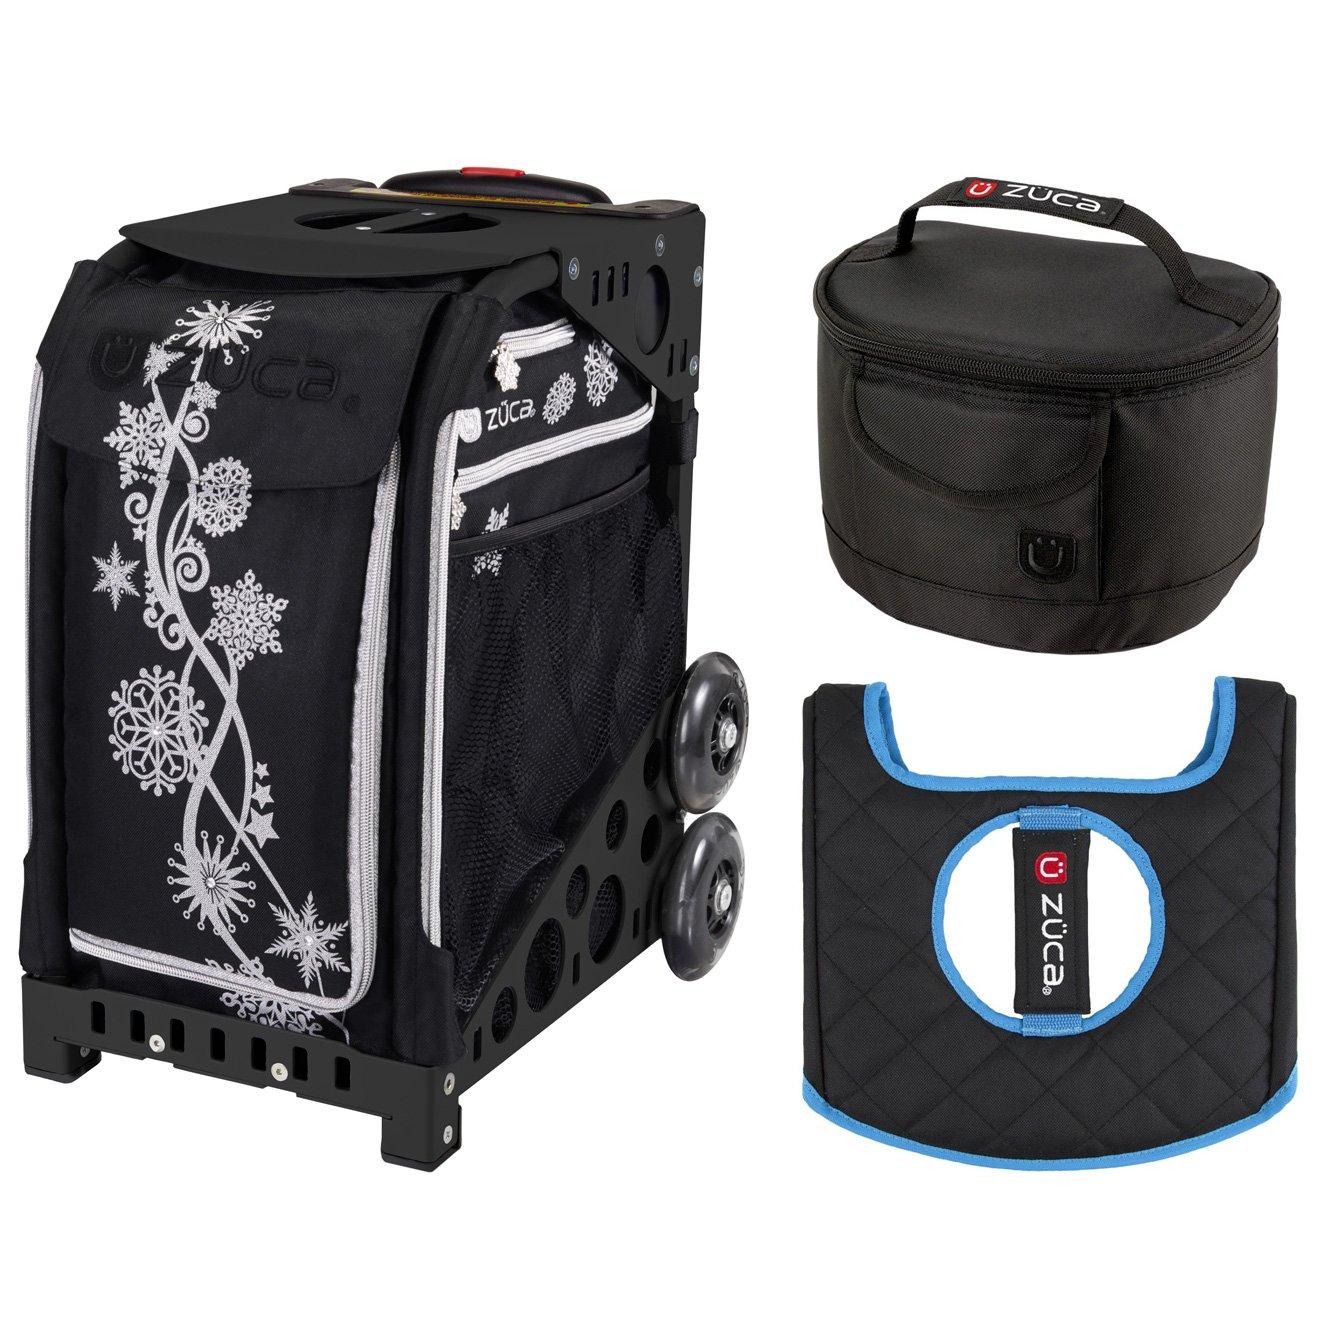 Zucaスポーツバッグ – シルバーShimmer withギフトLunchboxとシートカバー(ブラックnon-flashingホイールフレーム)